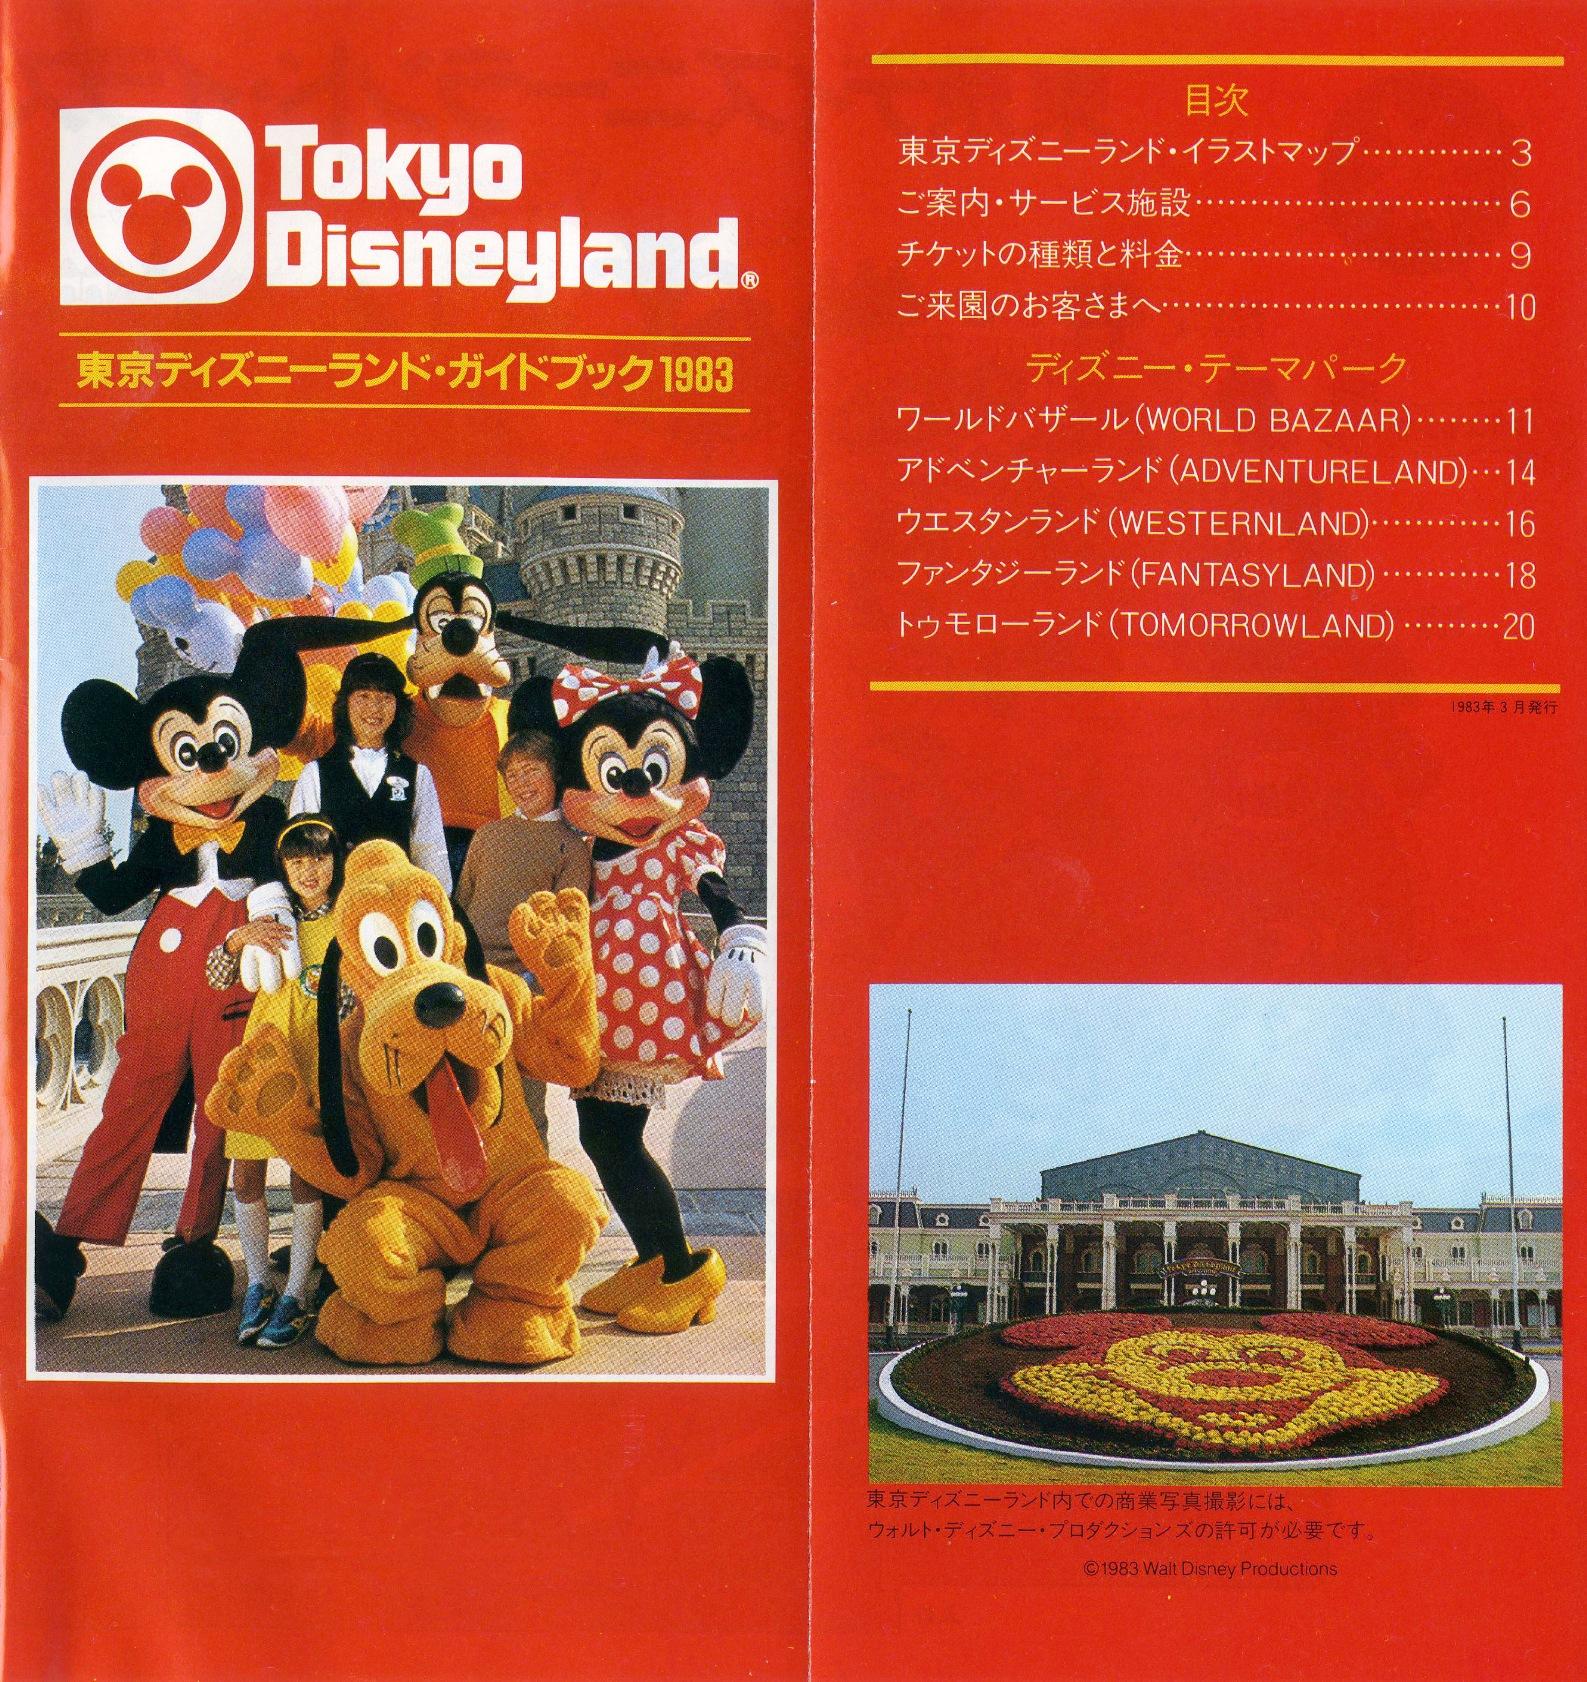 東京ディズニーランド開園日の模様をレポート | コンフェティ